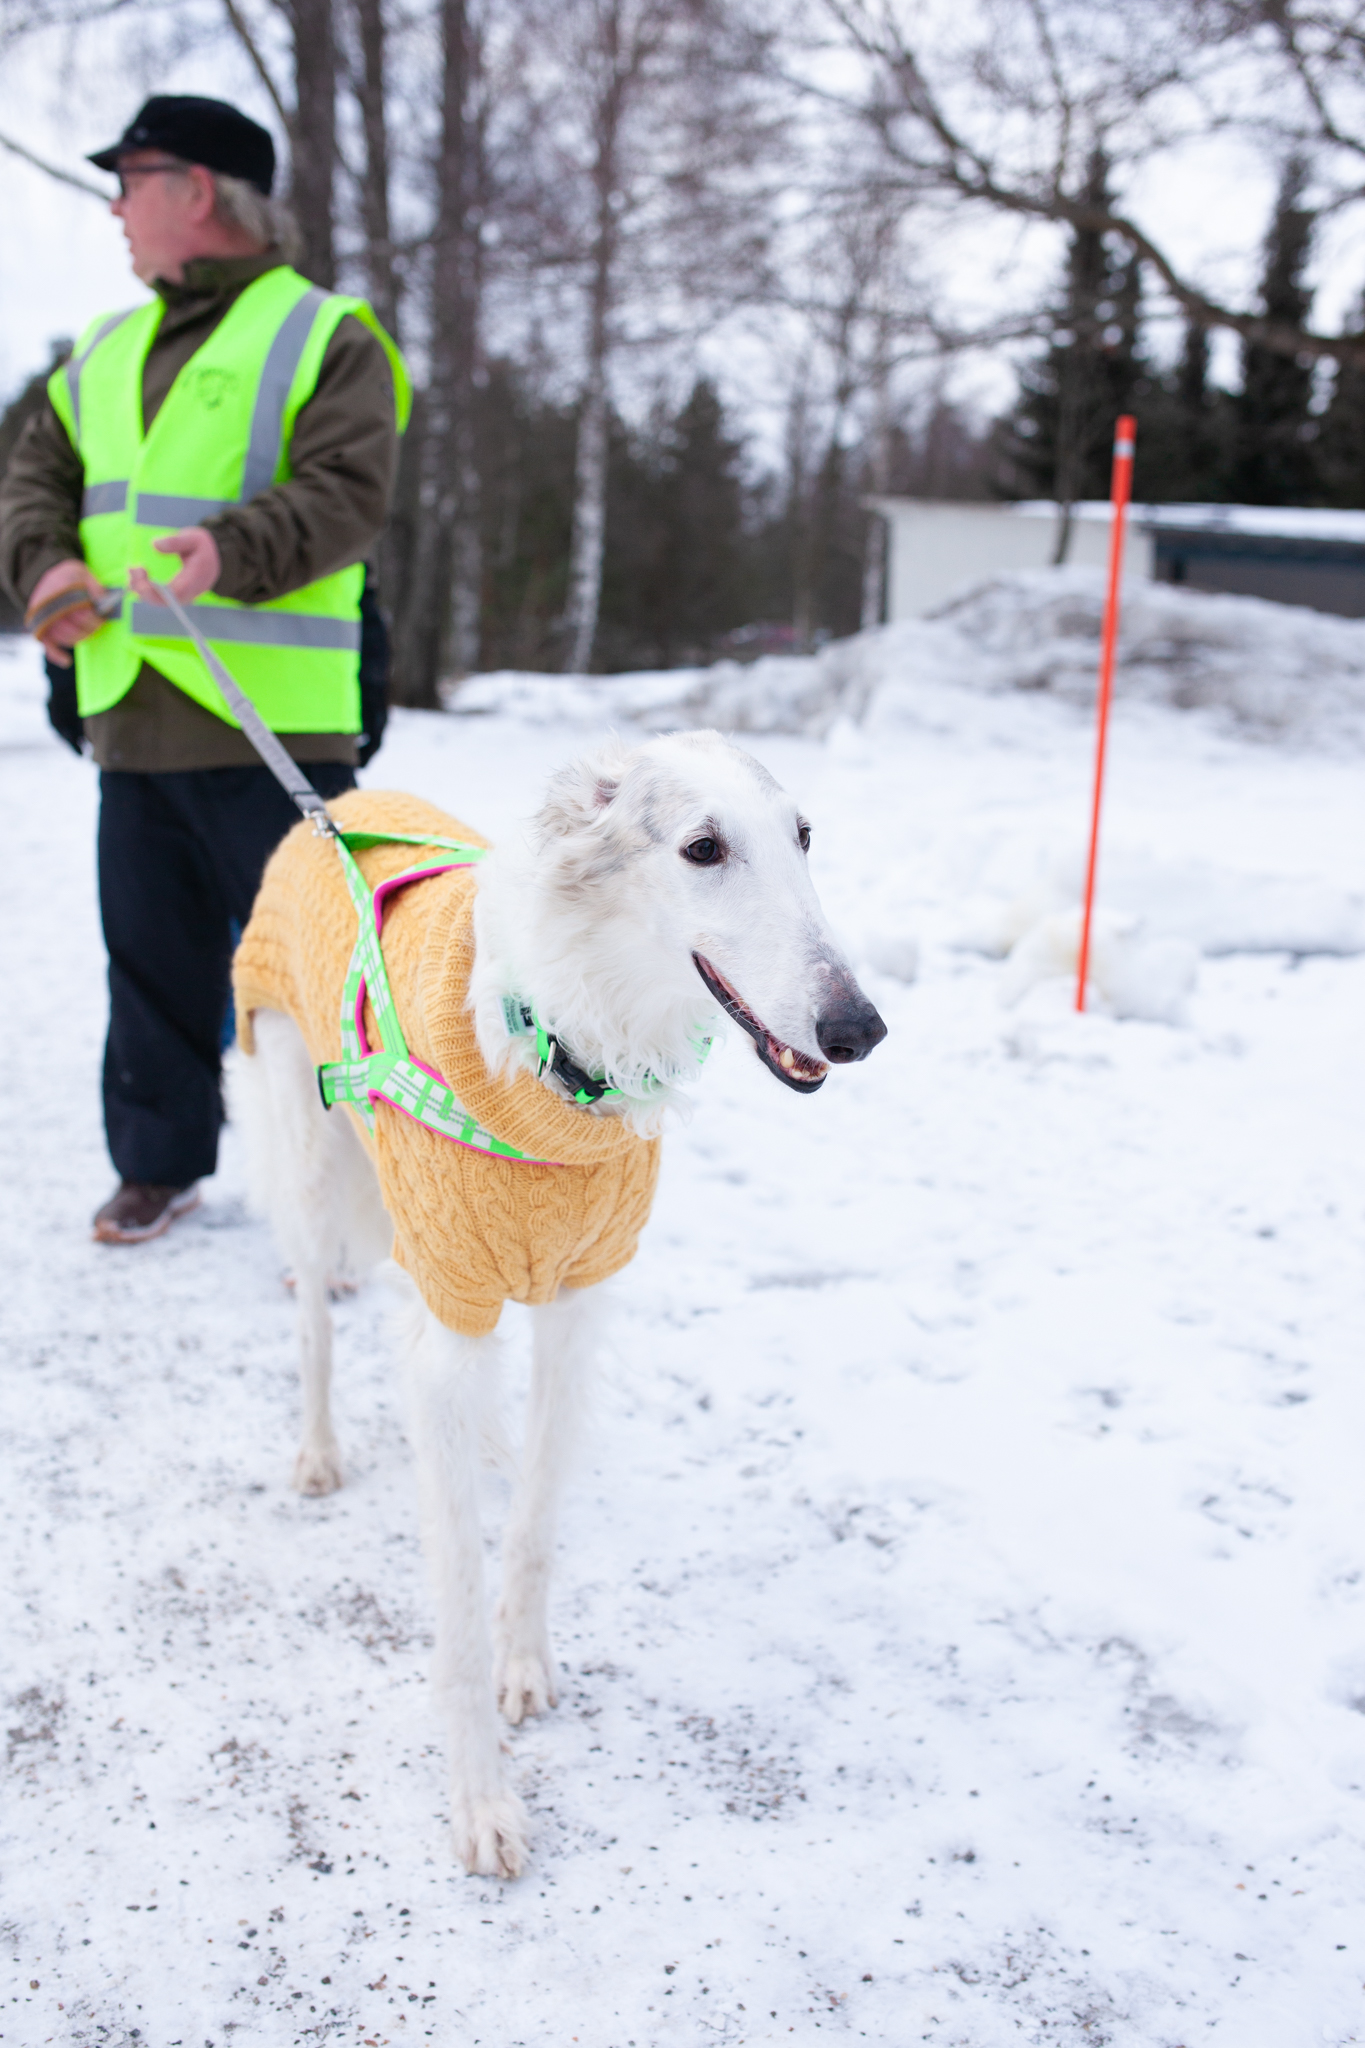 Mies taluttaa vaaleaa keltaiseen neuleeseen puettua venäjänvinttikoiraa lumisella tiellä.